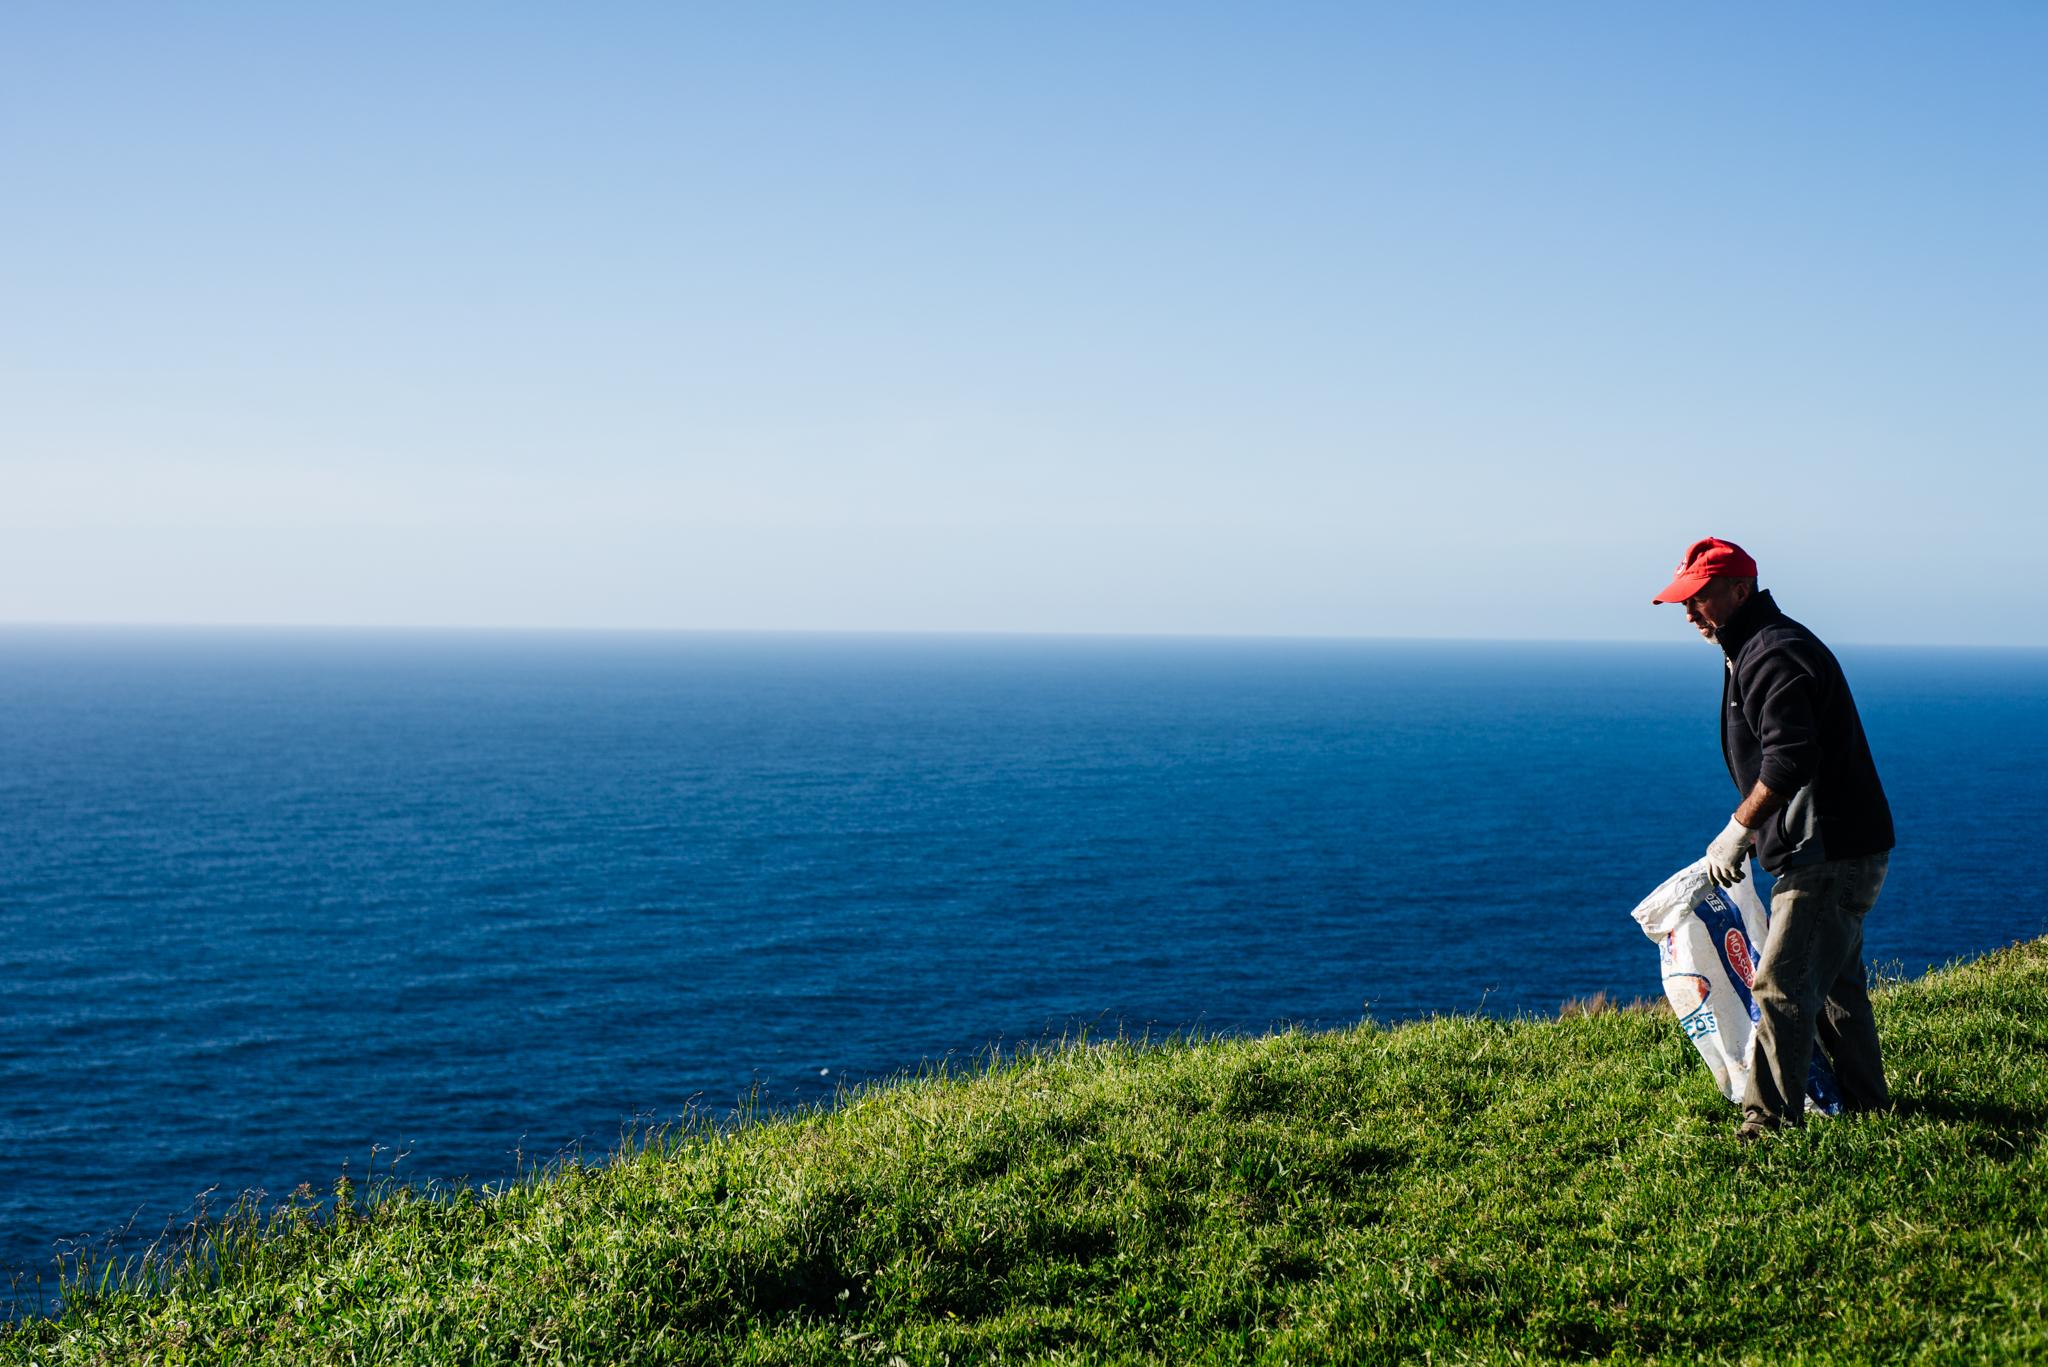 Tereprendező az Azori-szgeteken. Fotó: Dobó Diána